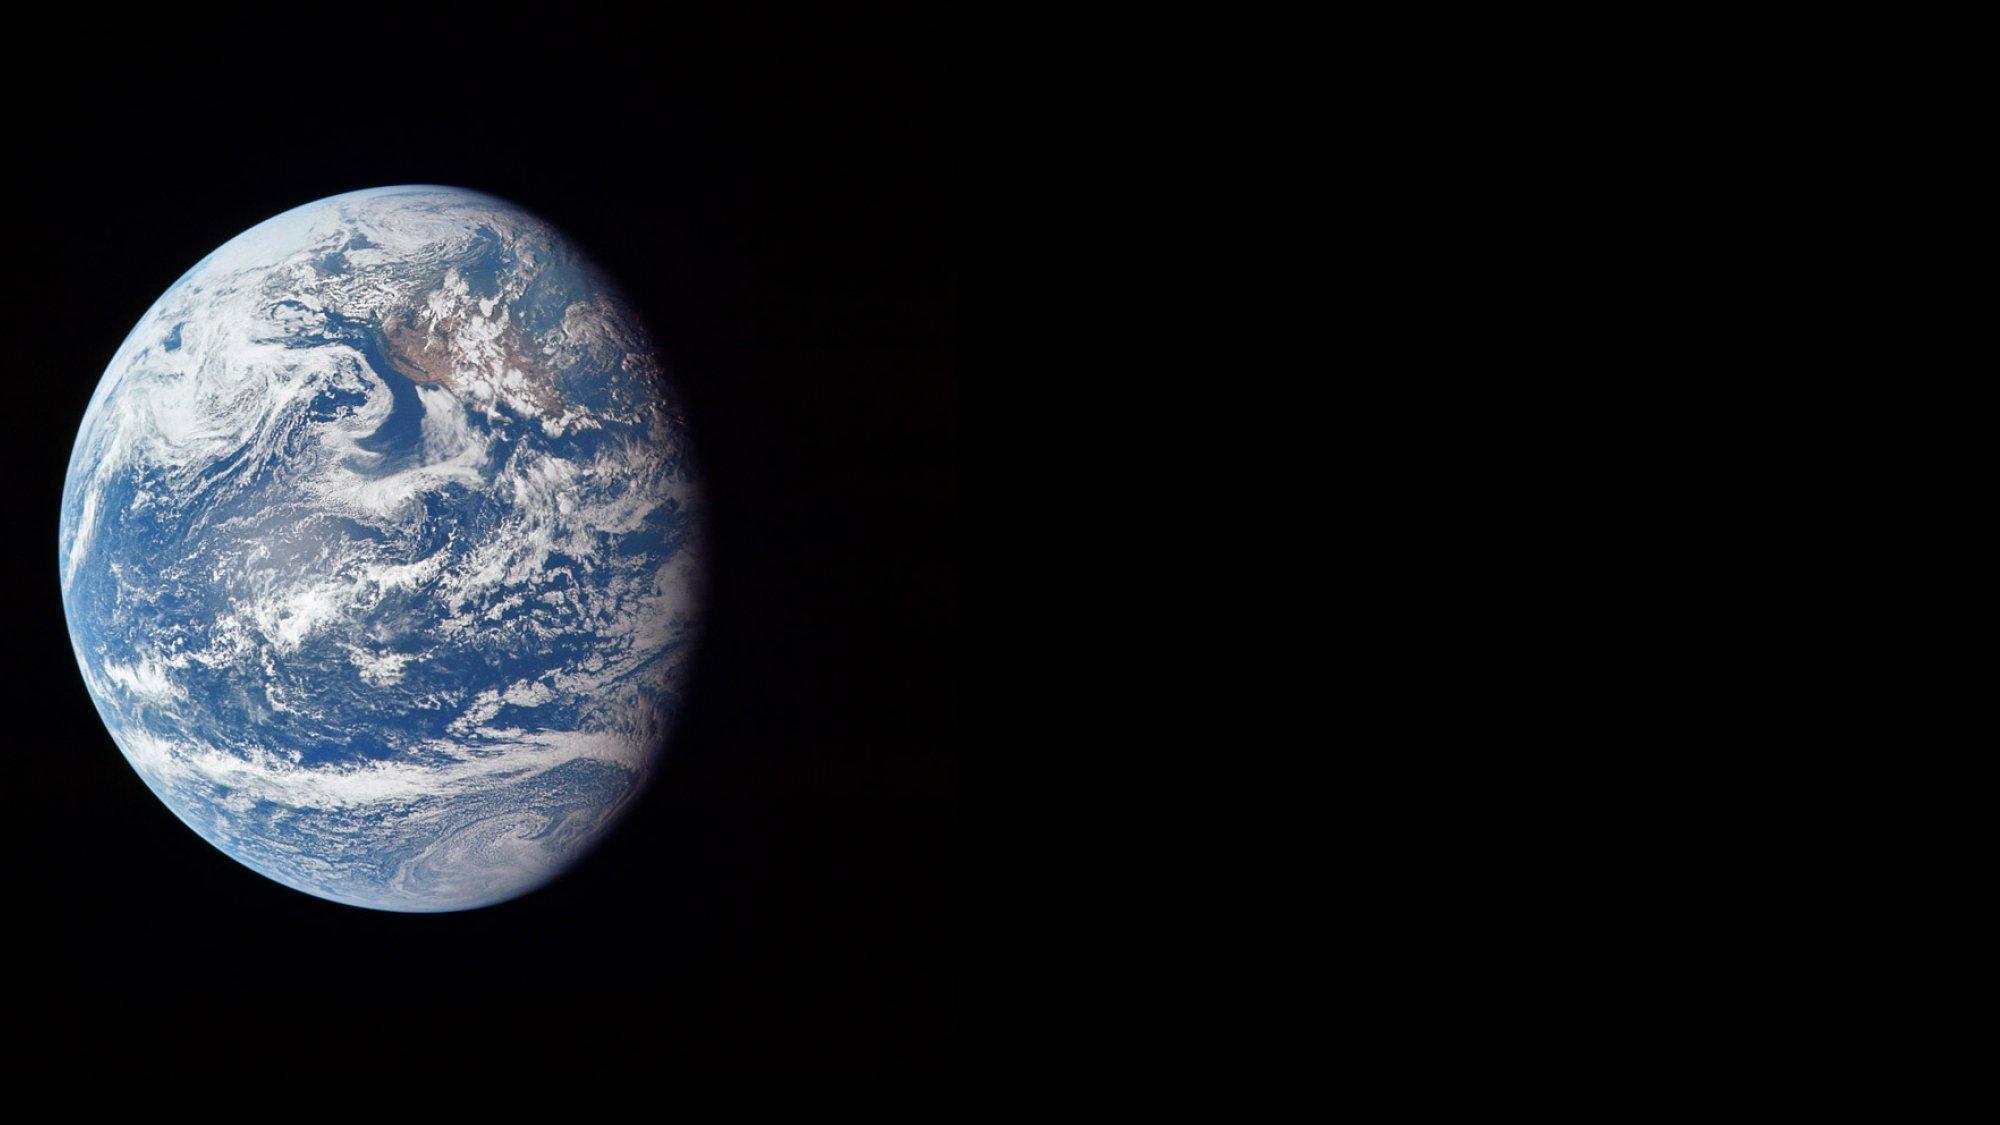 Der Planet Erde, ein wahrlich blauer Planet aus Sicht der drei NASA-Astronauten Neil Armstrong, Buzz Aldrin und Michael Collins auf ihrem Flug zum Mond im Juli 1969.